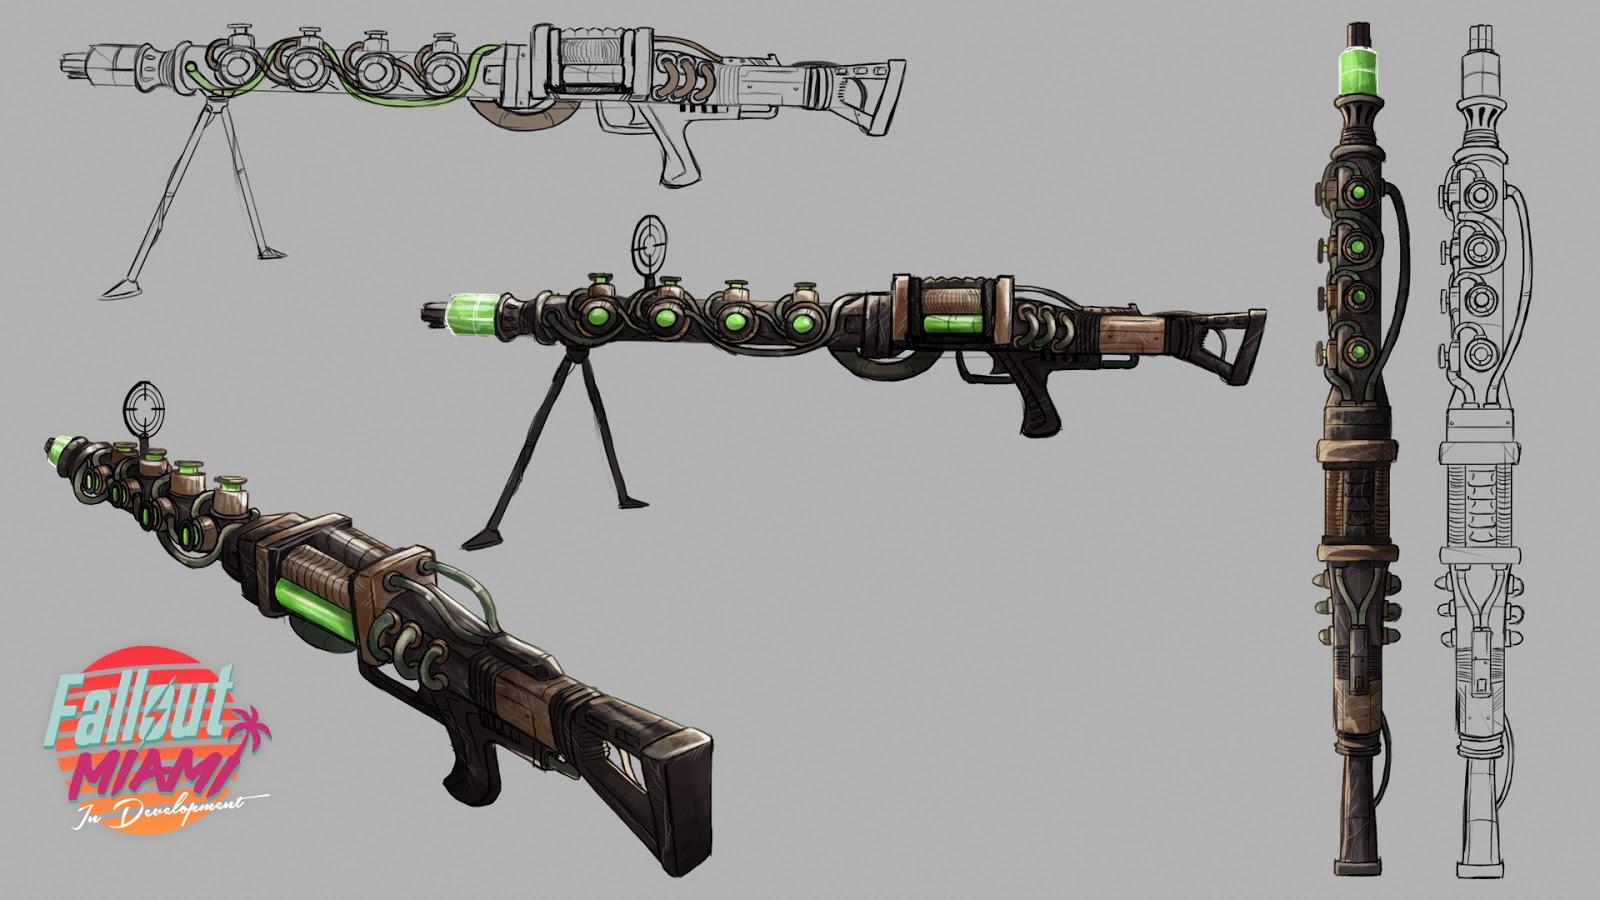 fallout 4 miami mod concept art